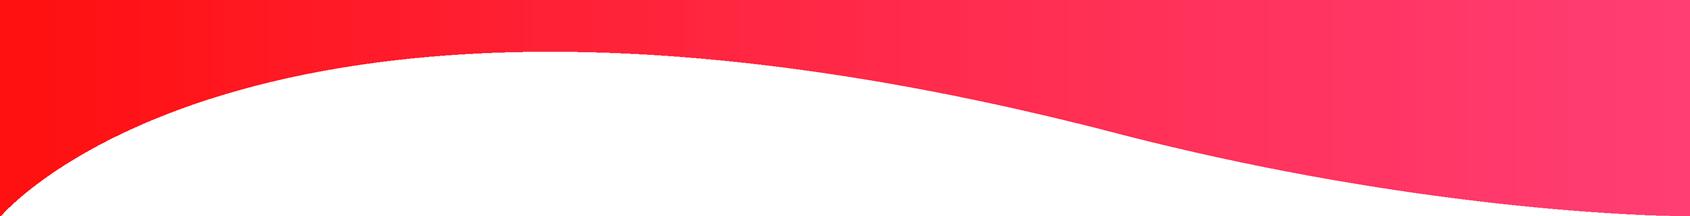 UBROKER-onda-down-1690x216px